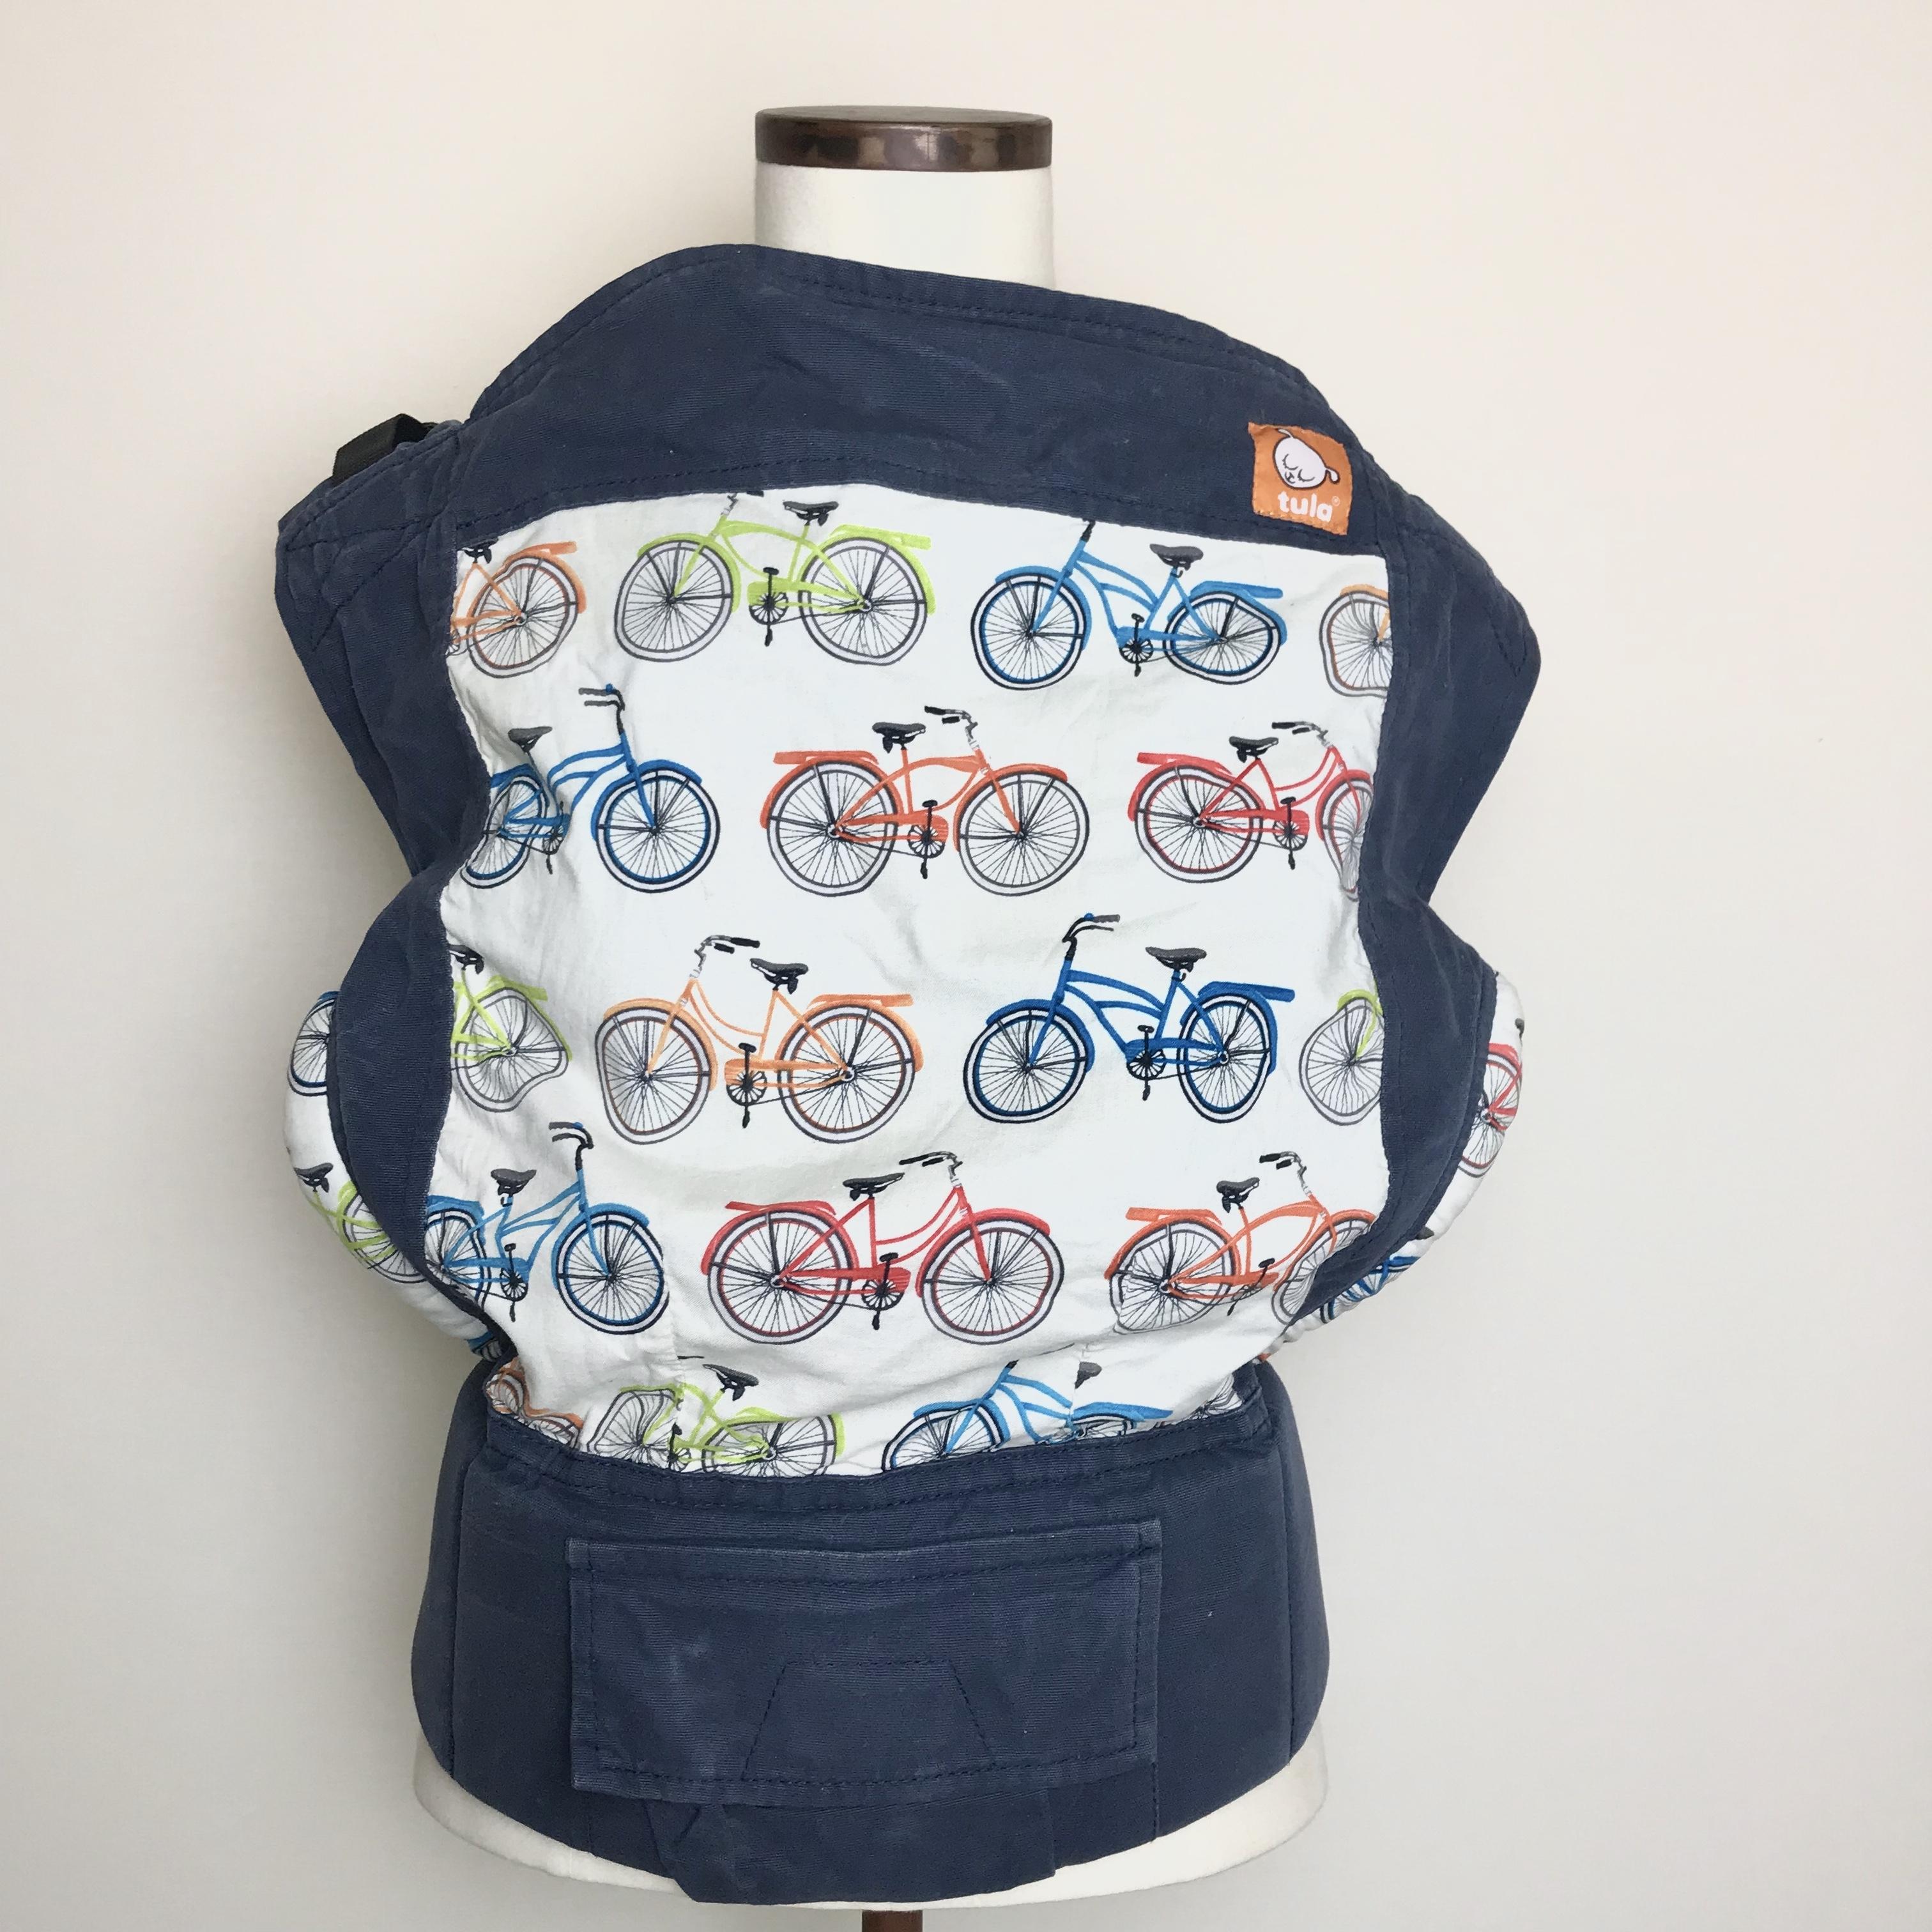 tula toddler bikes peuterdraagzak huren